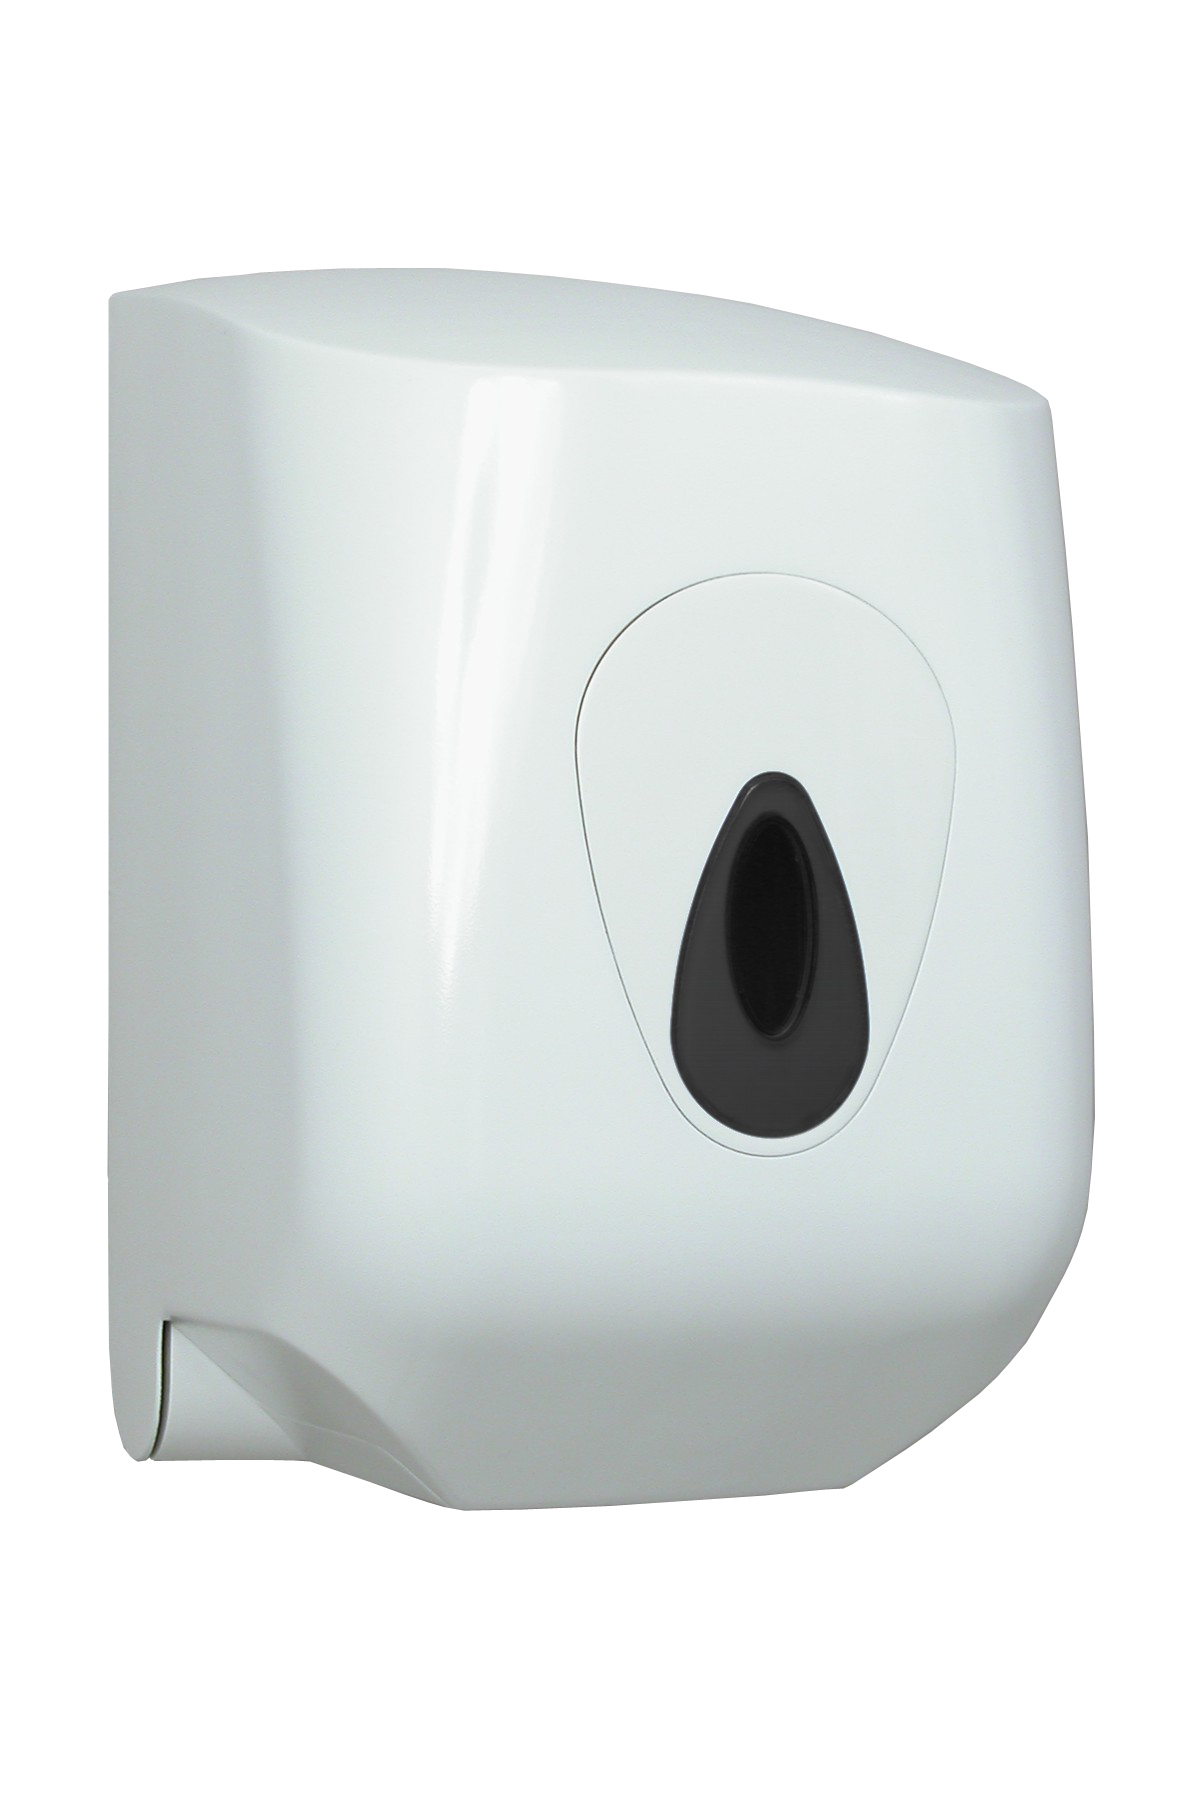 Handtuchrollenspender Midi, ABS Kunststoff, Innenabrollung, weiß, 35 x 23 x 23 cm